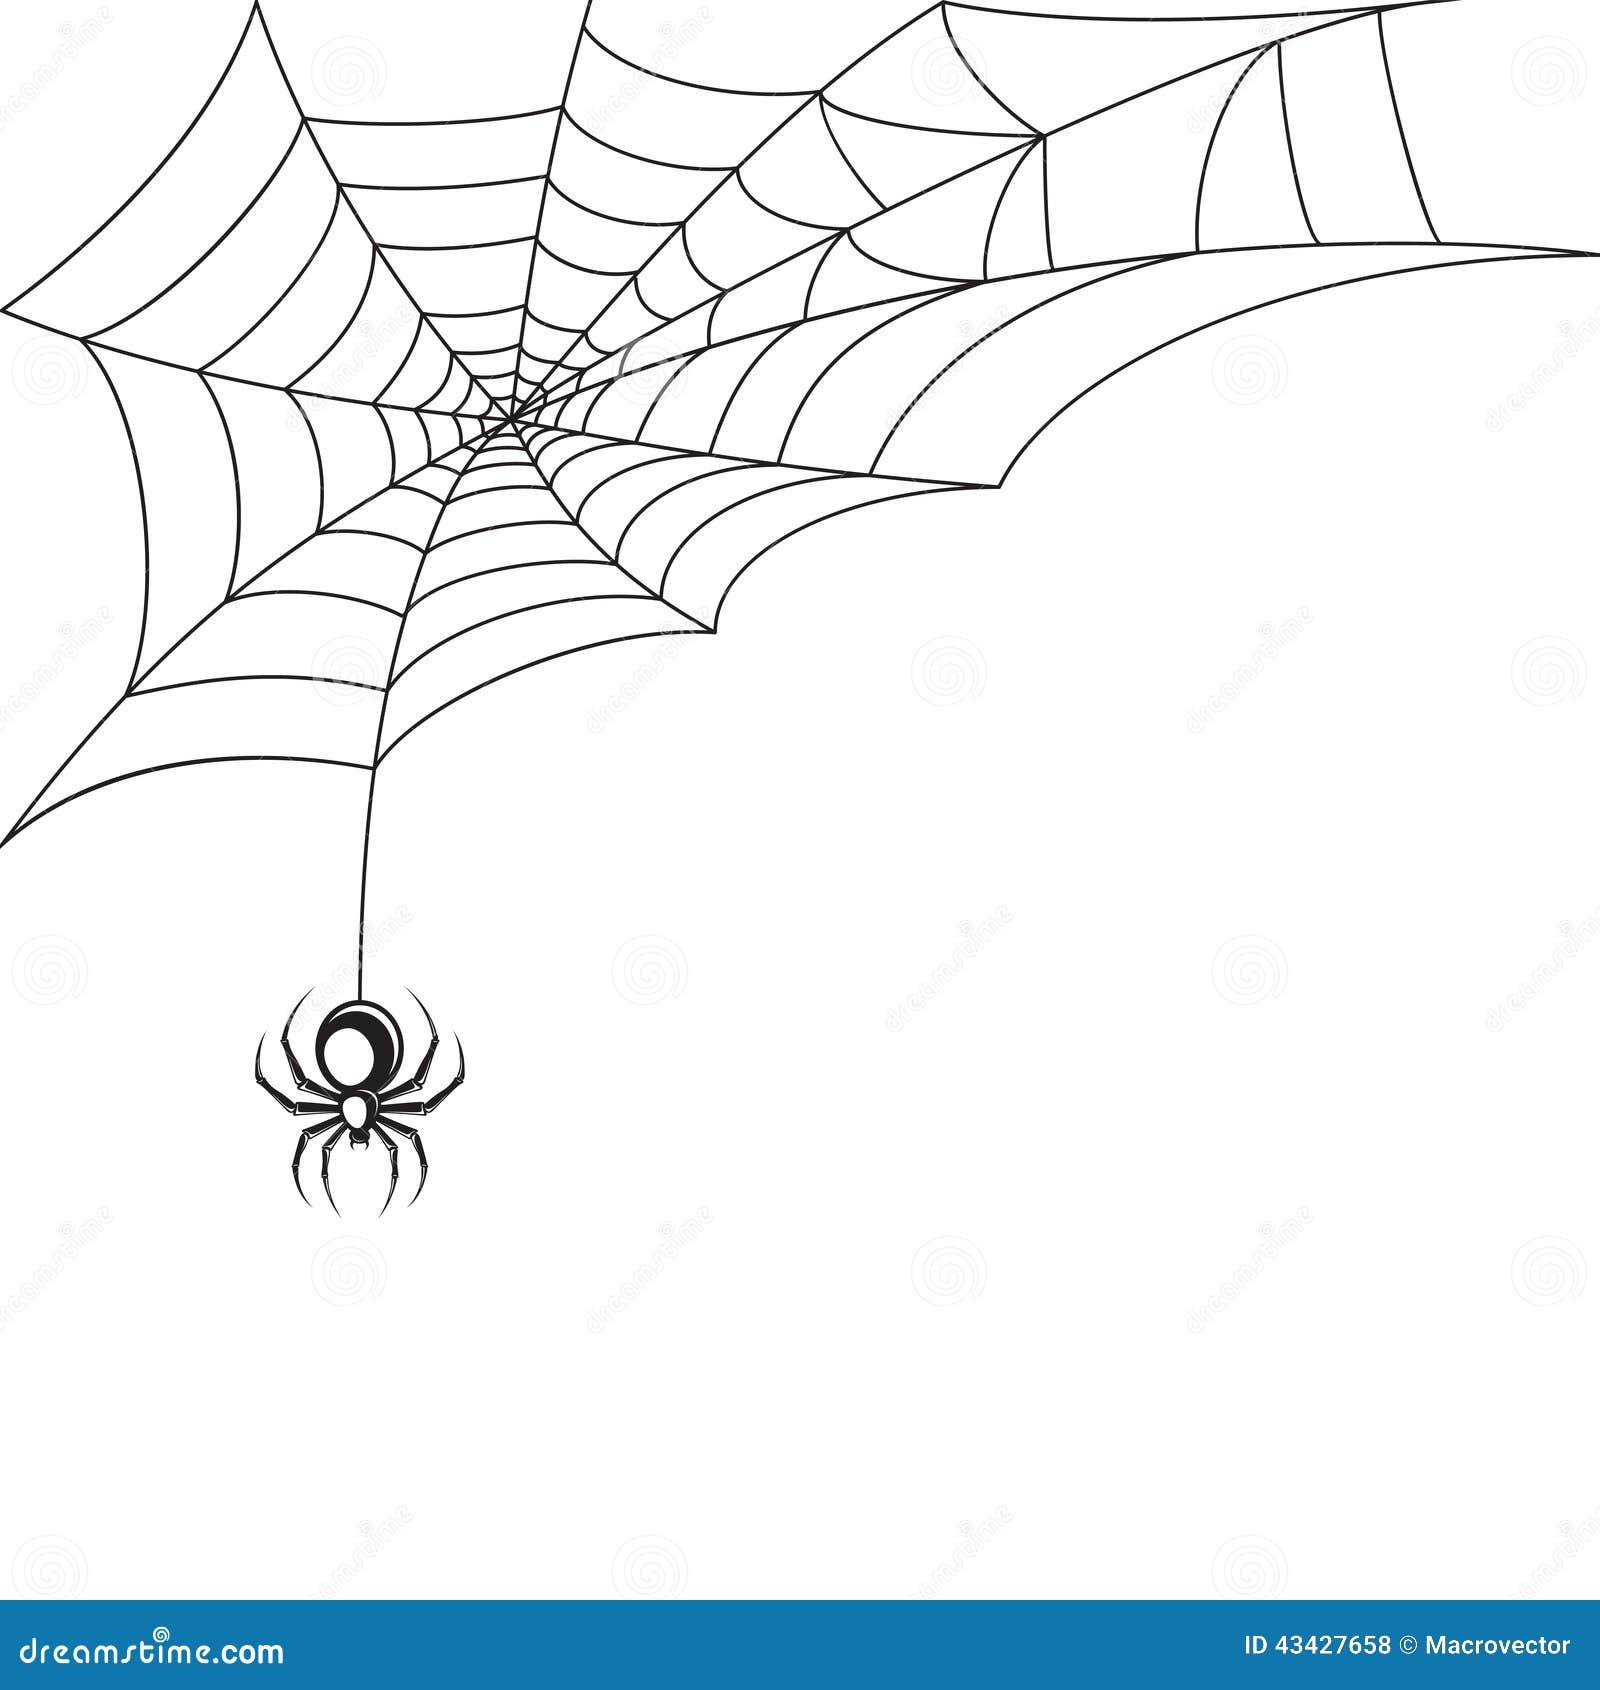 Papier peint de toile d 39 araign e illustration de vecteur image 43427658 - Toile d araignee en papier ...